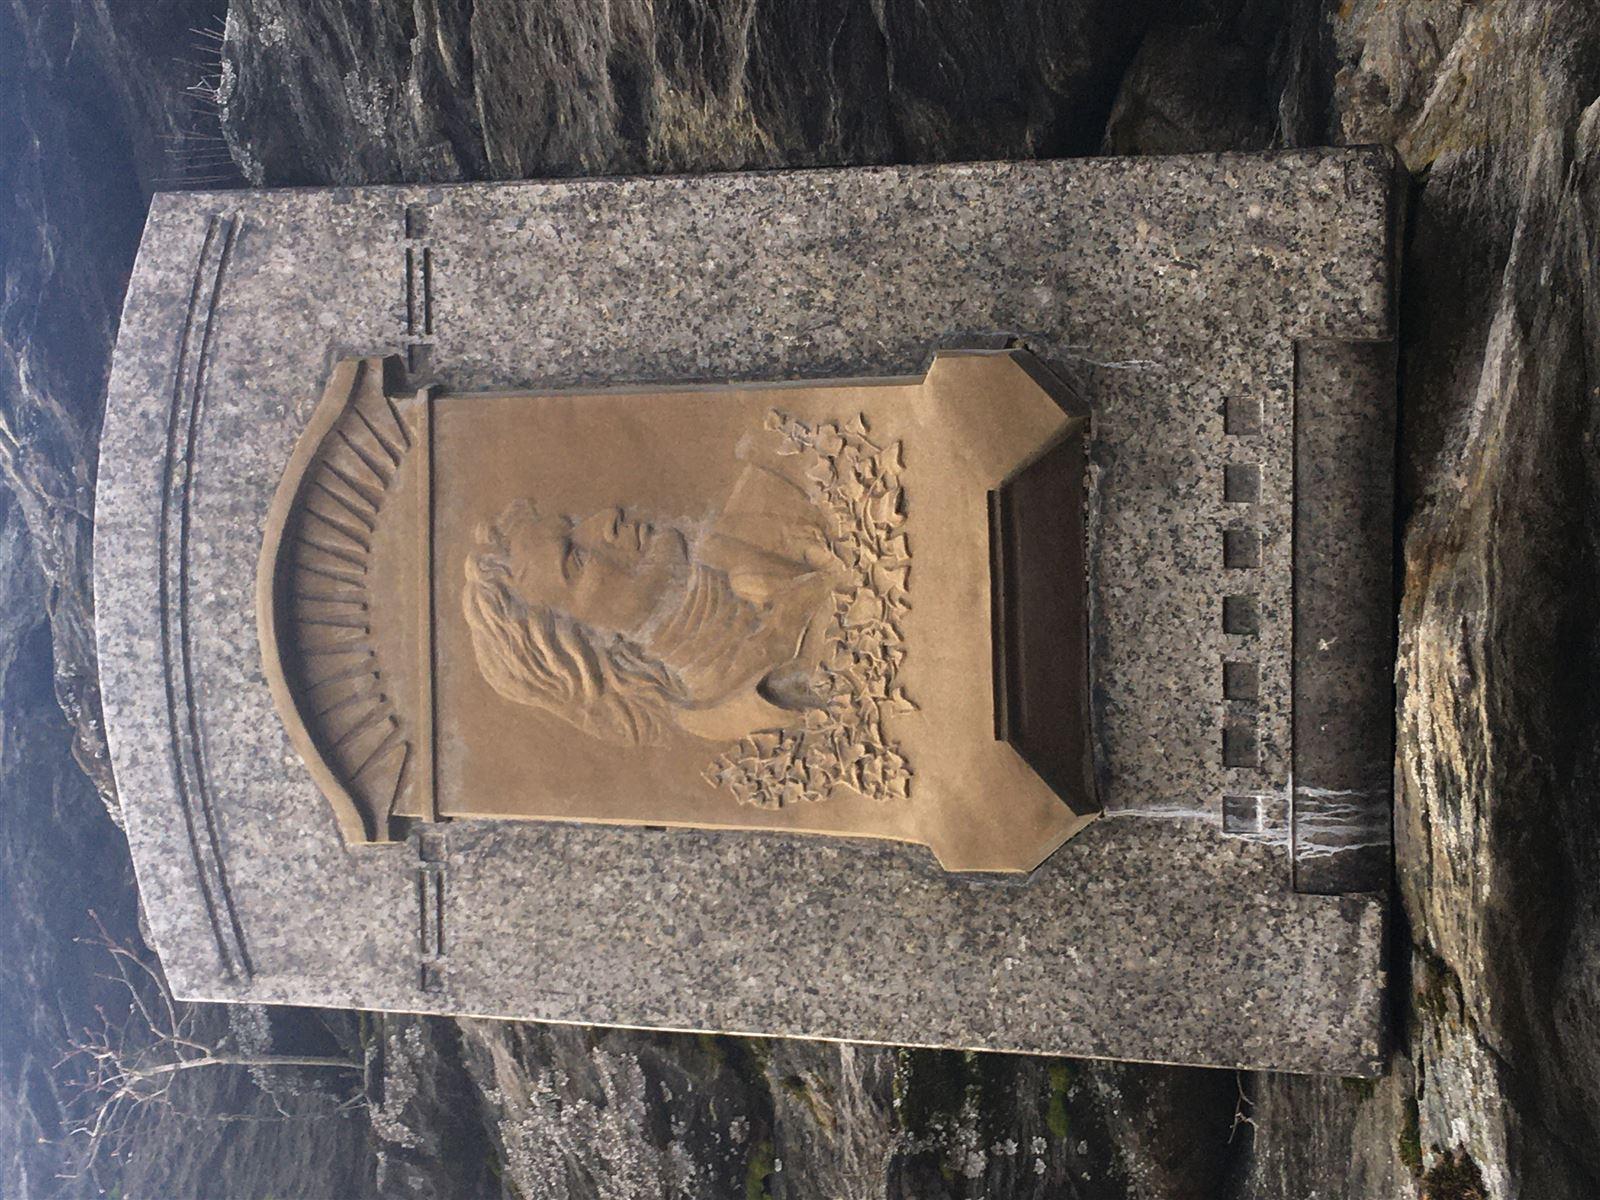 Schillergedenktafel in Asch am Turm